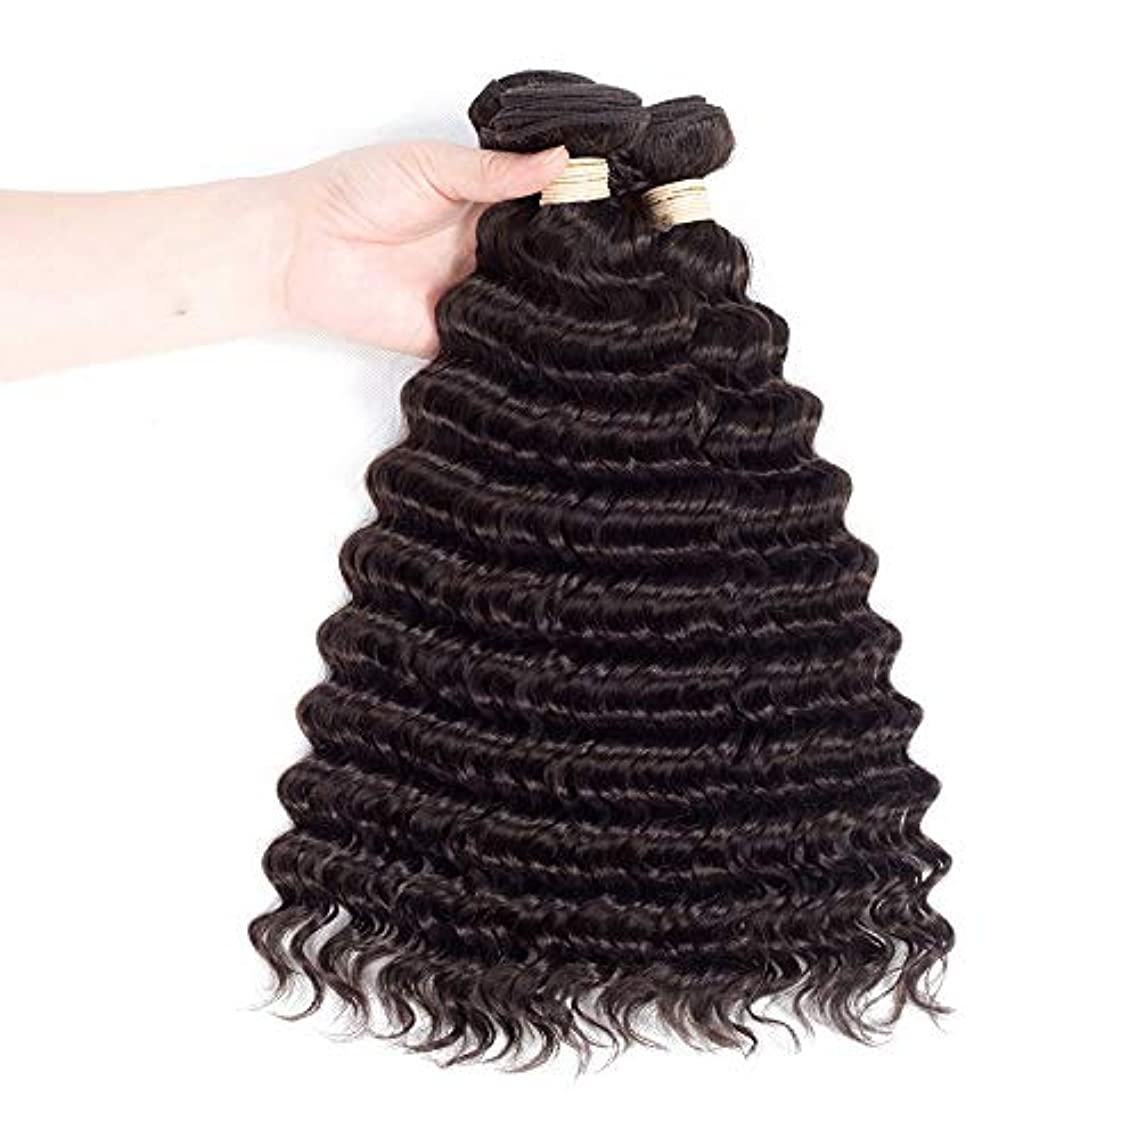 むちゃくちゃ涙が出る死んでいるHOHYLLYA 人間の髪の毛の束ブラジルディープウェーブ本物の人間の髪の毛の織り方#2ダークブラウン(8